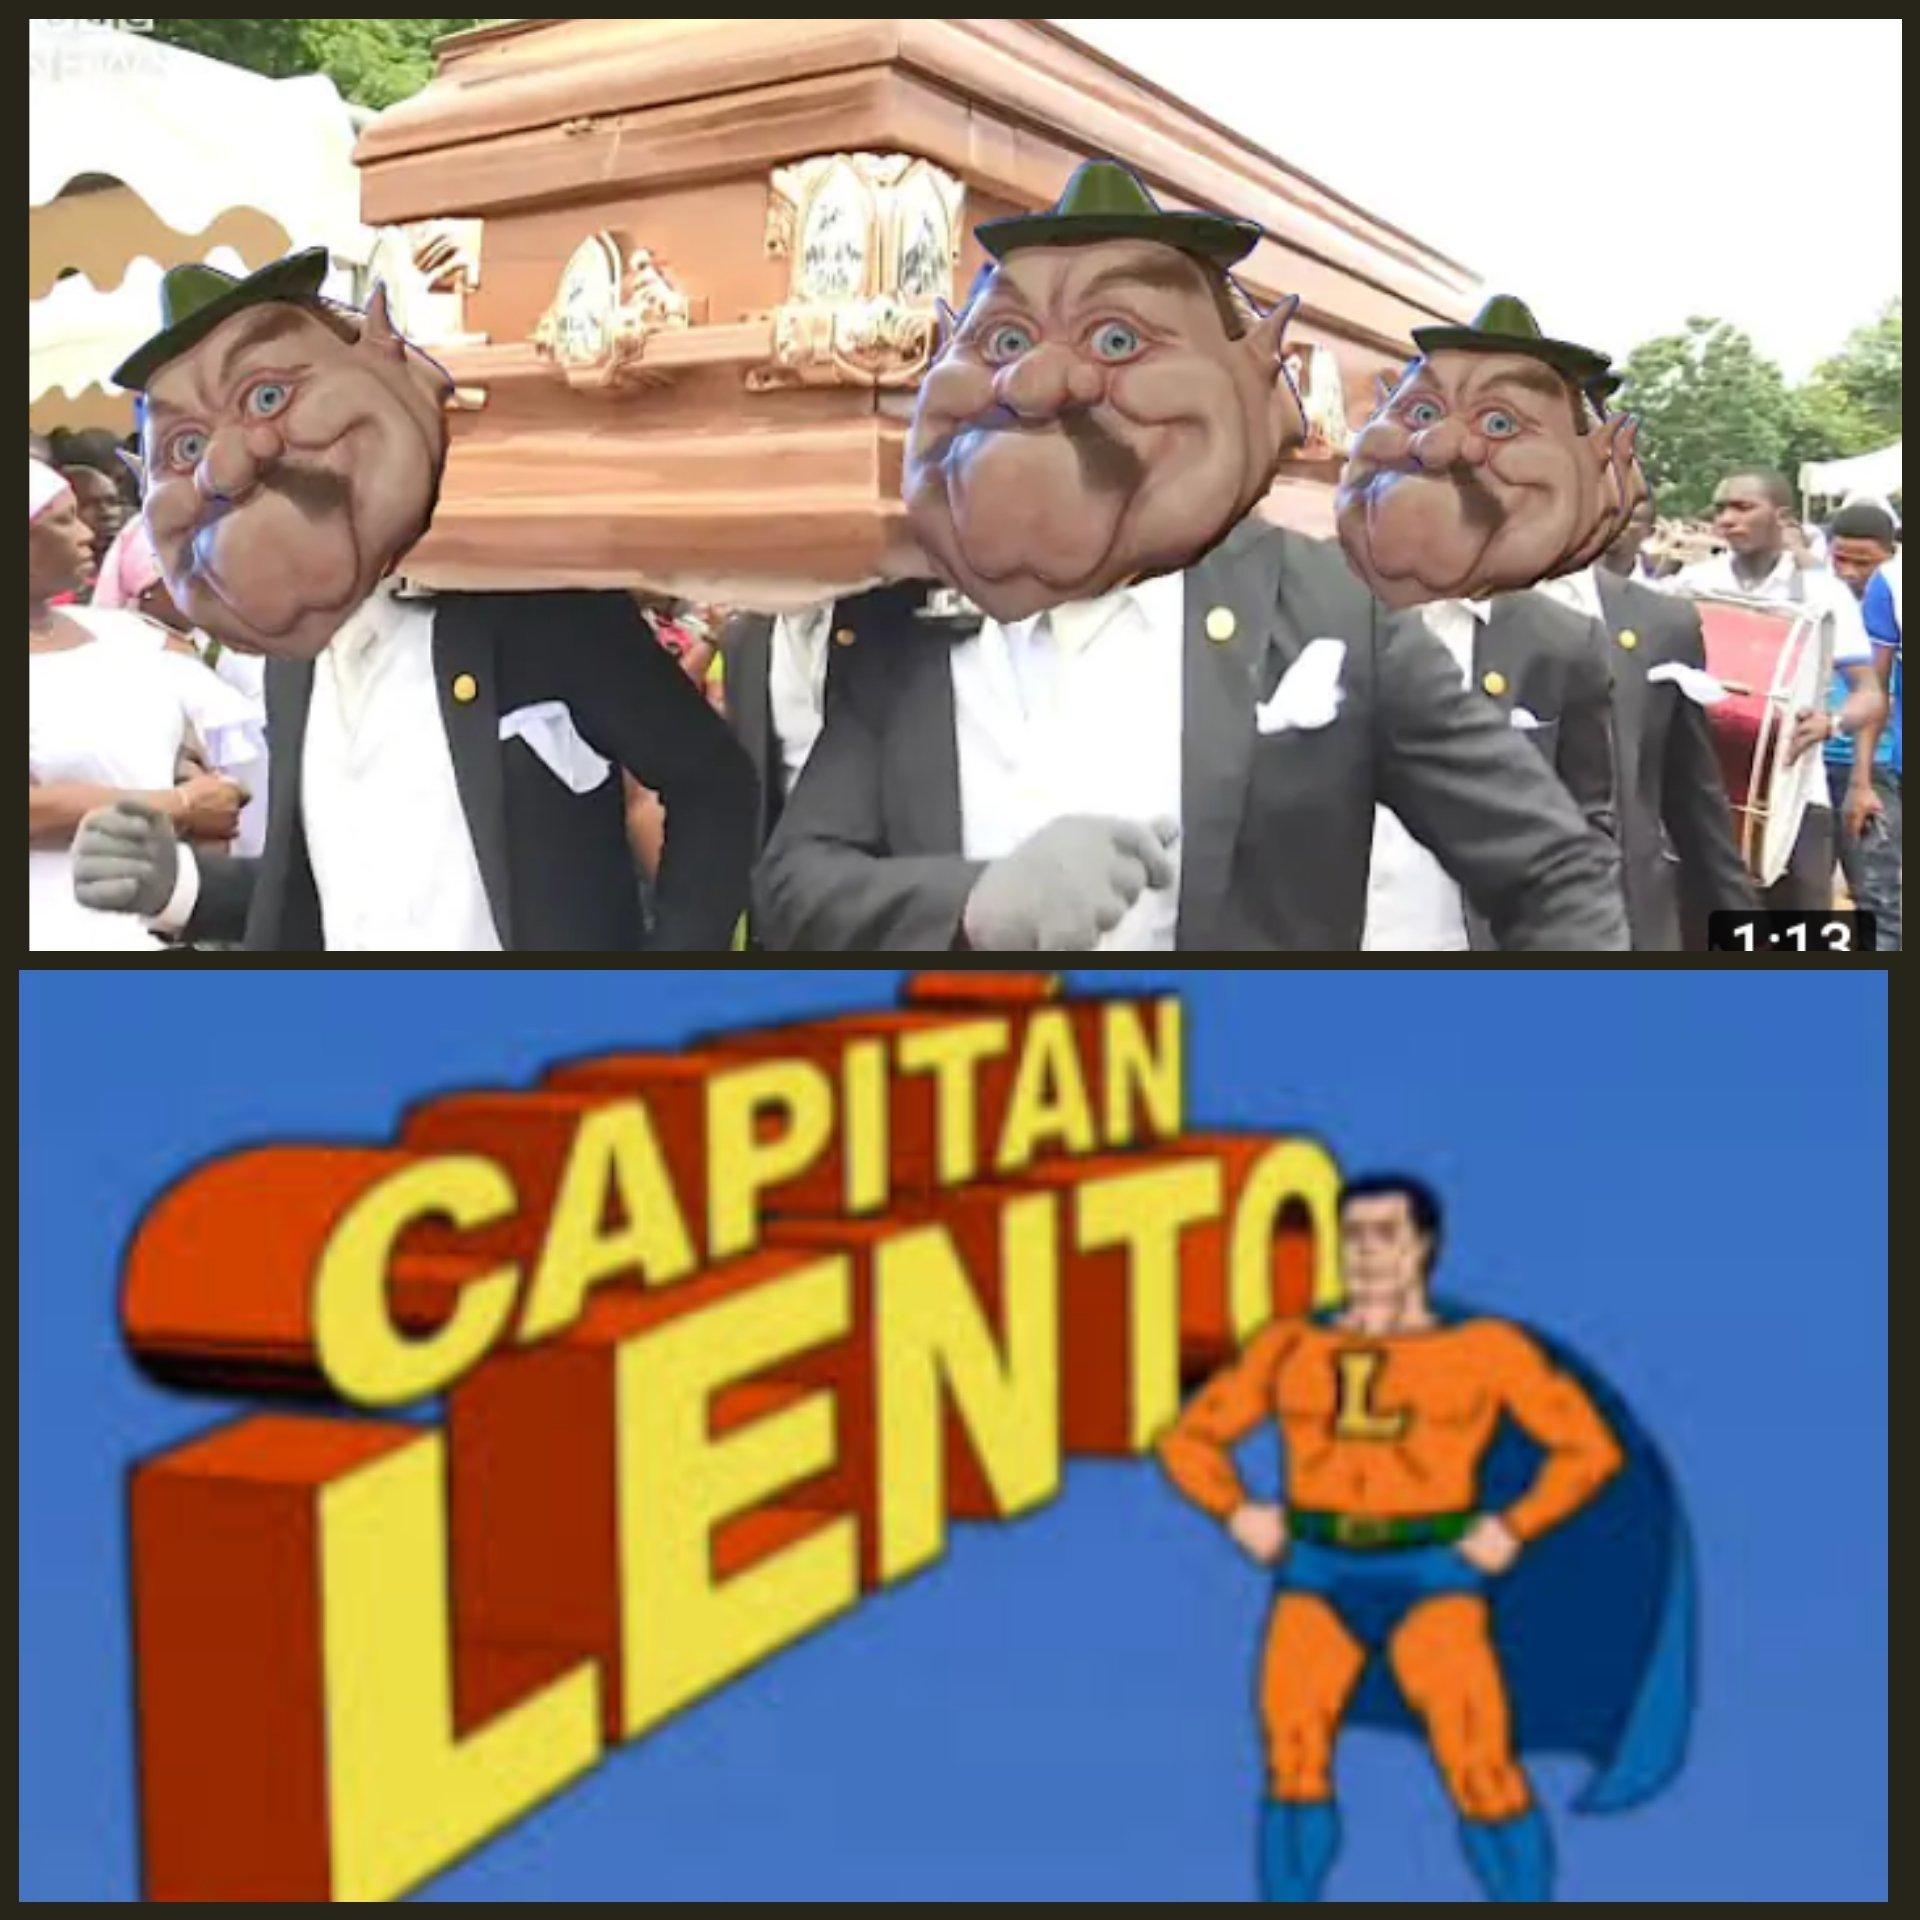 El Coffin dance ya es otro tipo de moda perdida - meme